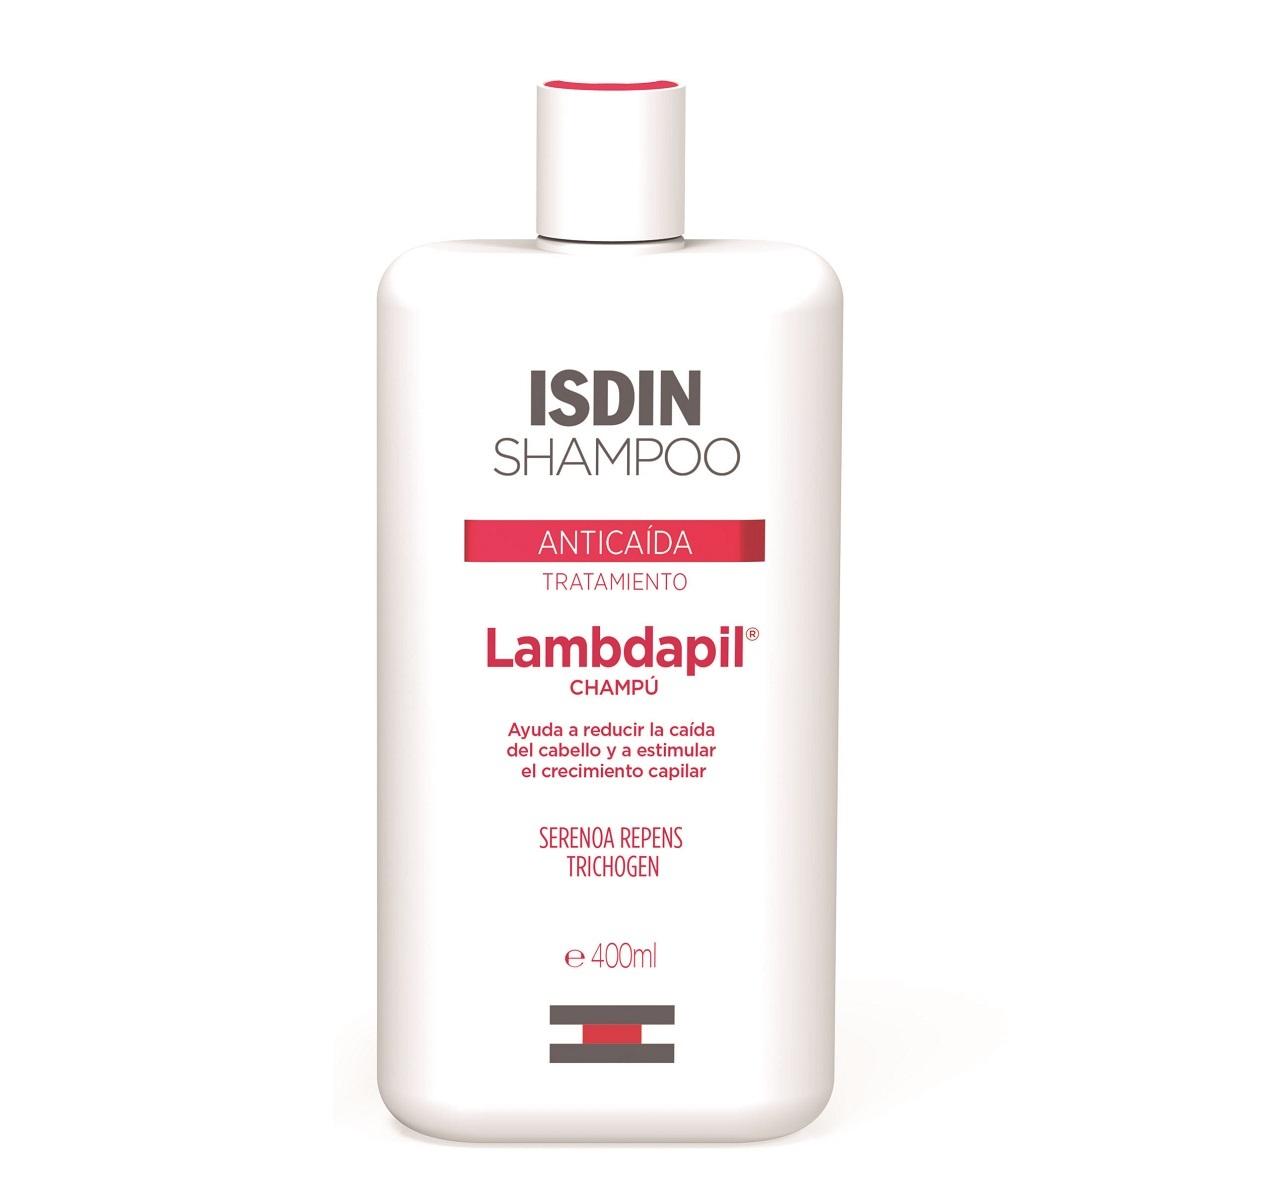 Champú Anticaída Lambdapil de Isdin, ayuda a prevenir y frenar la...